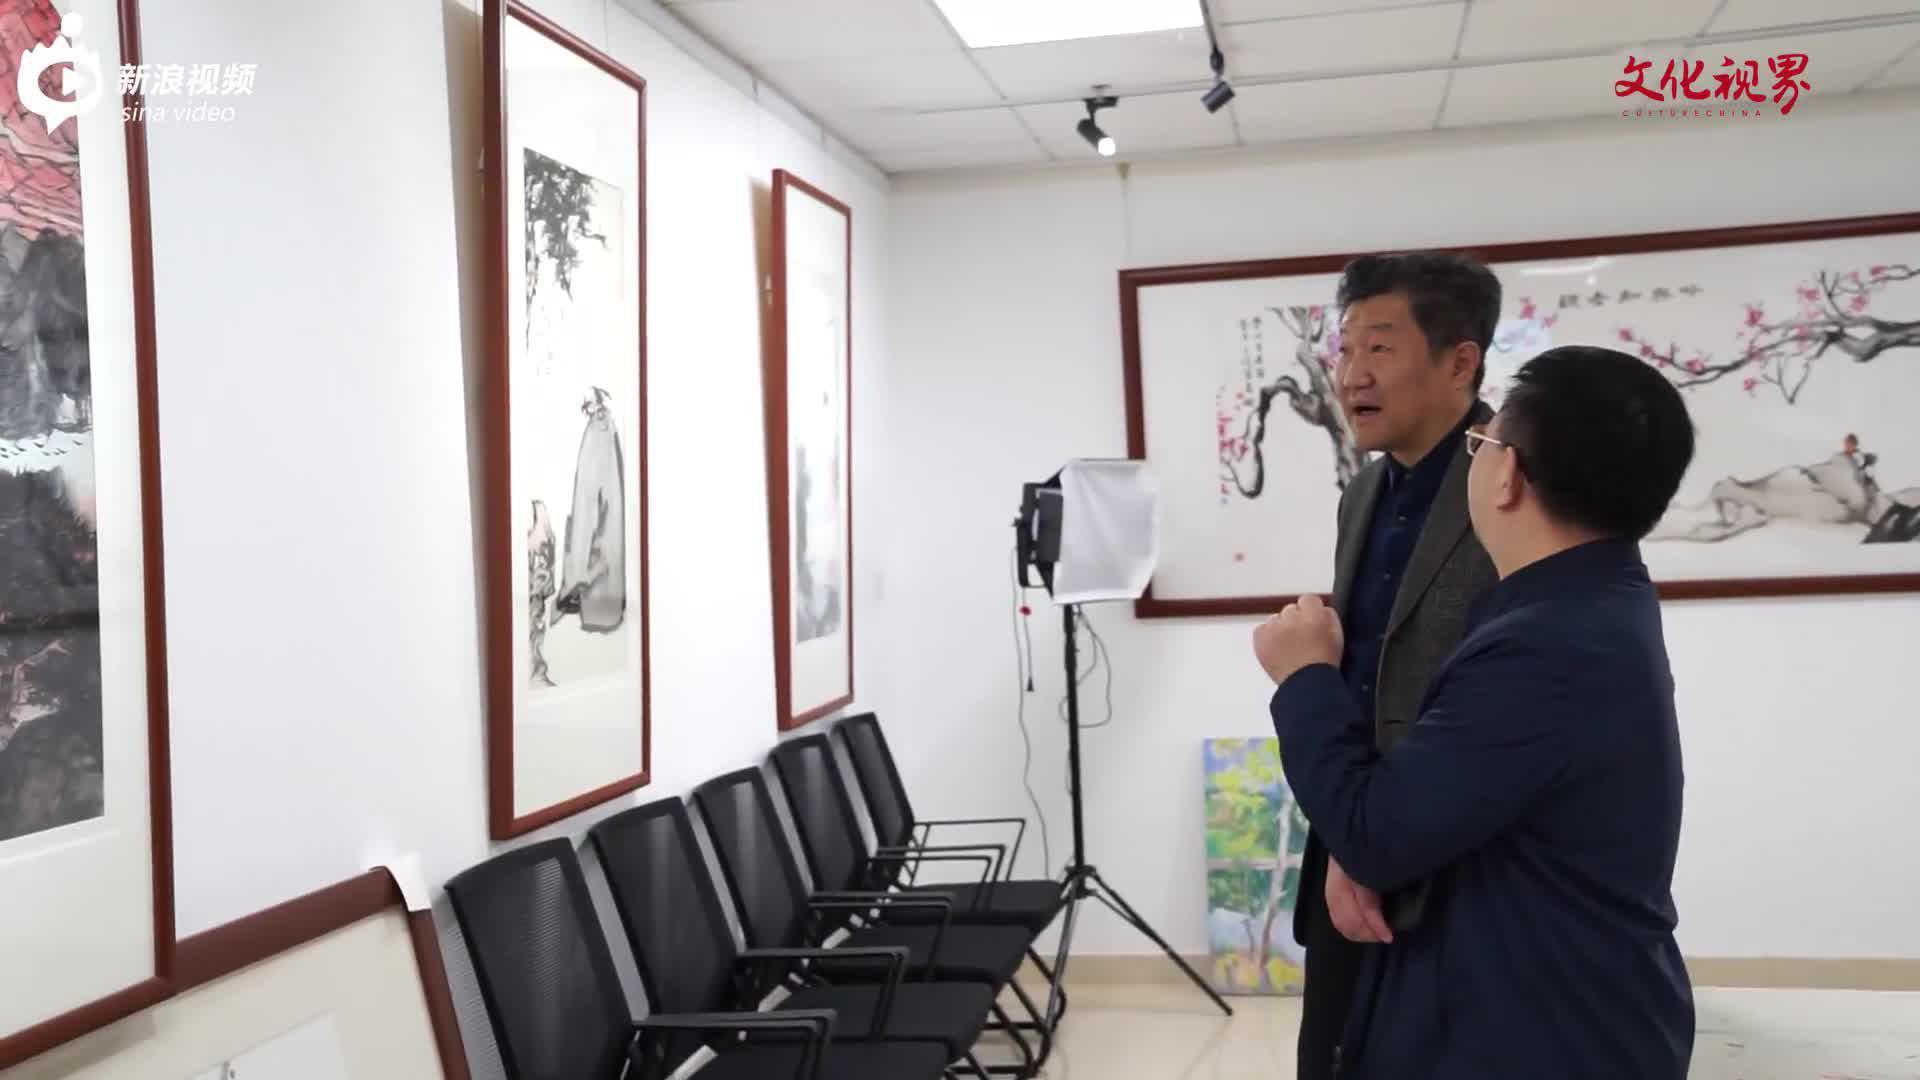 老友相聚赏佳作,匠心精神做艺术——著名艺术家徐青峰走进文化视界